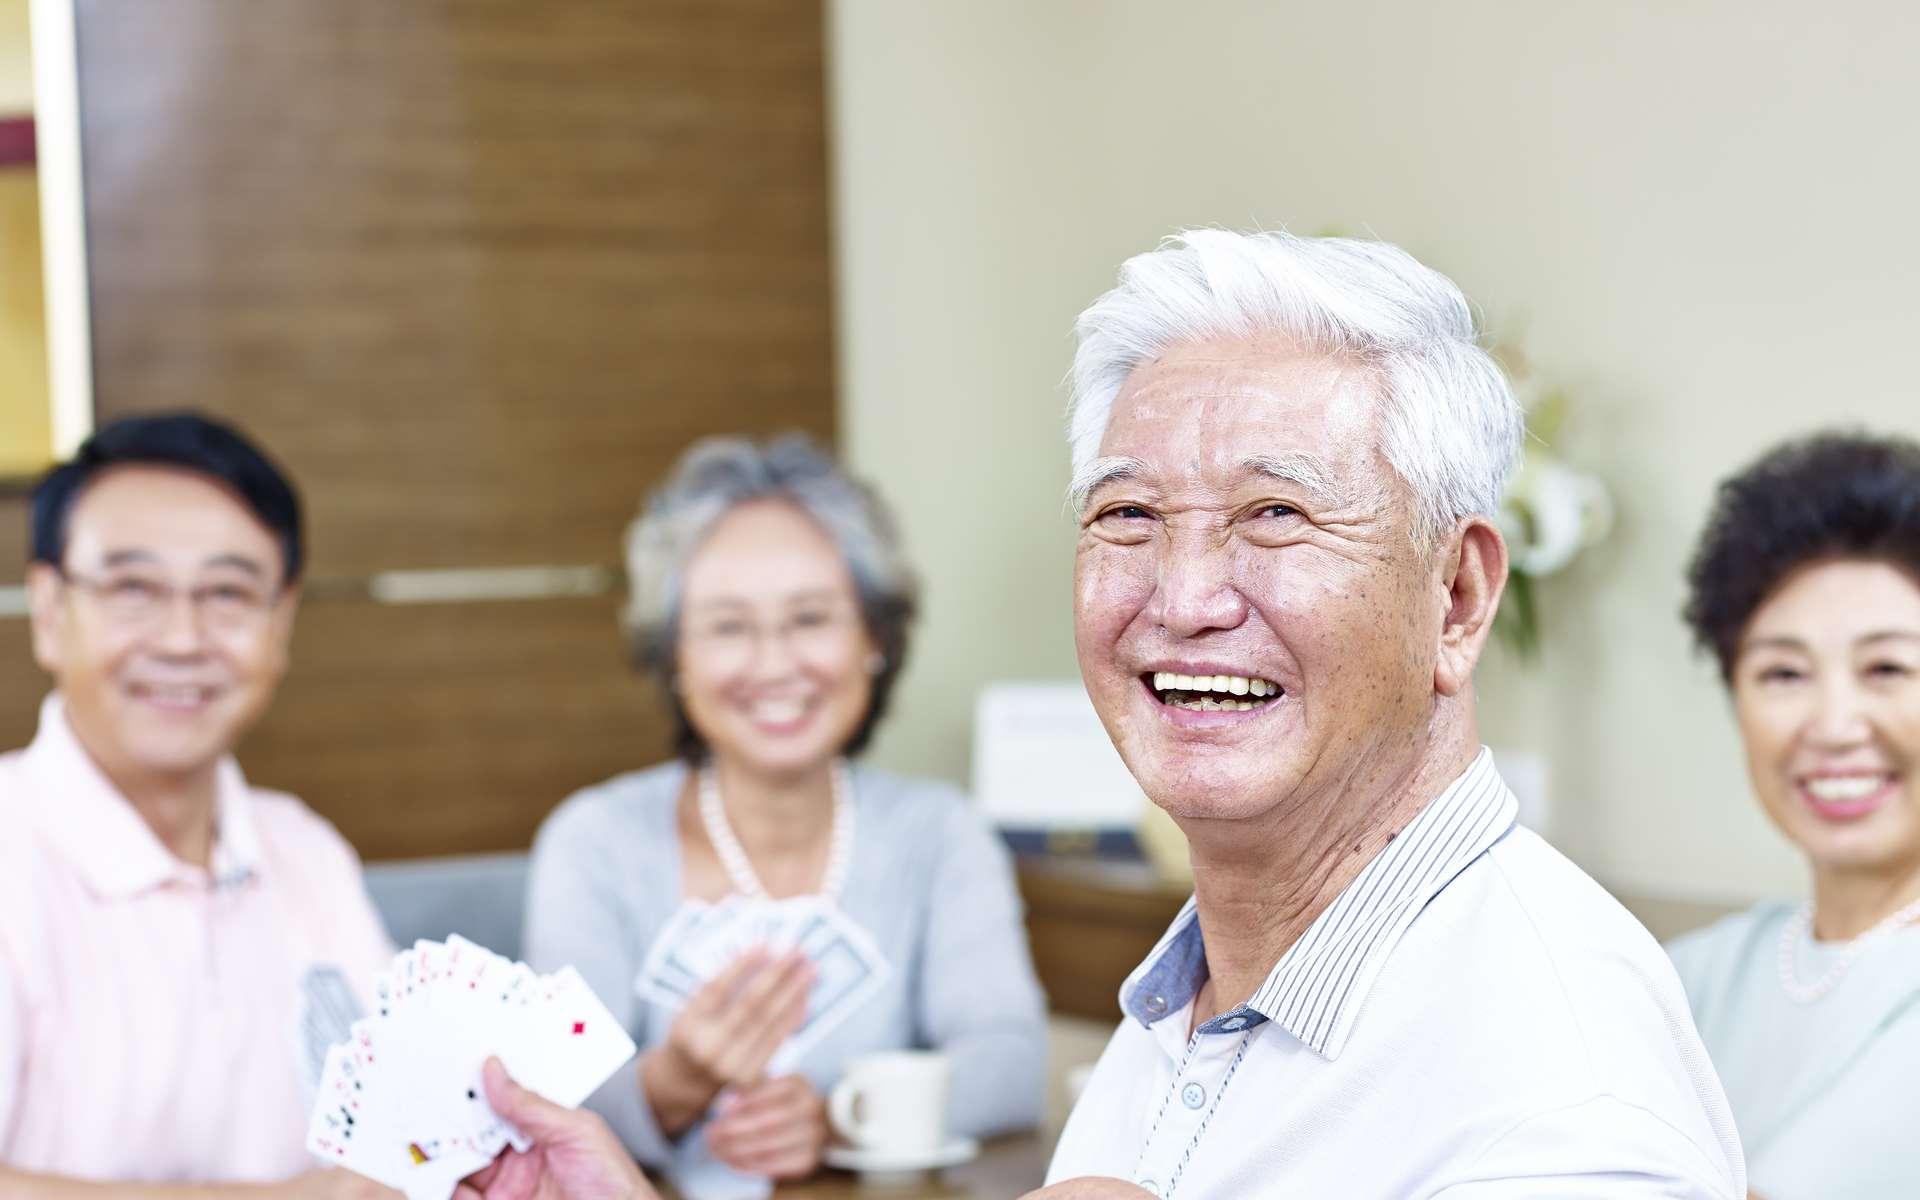 Les cheveux blancs apparaissent souvent en vieillissant. © imtmphoto, Foltia